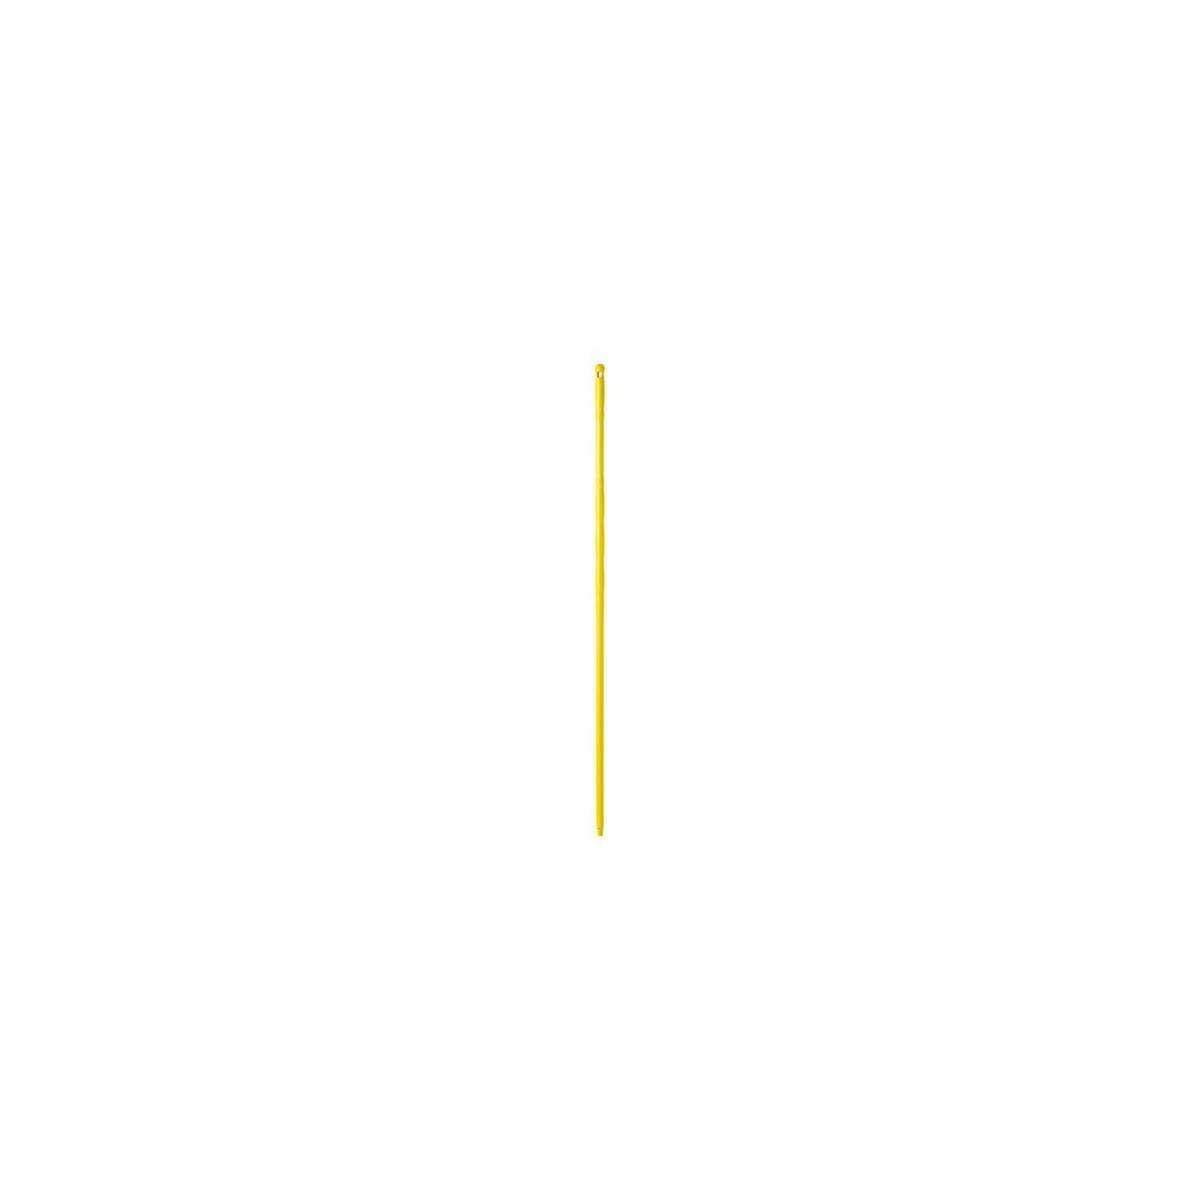 Рукоятка пластмассовая с резьбой 145см (Желтогоцвета) 00001081G TTS